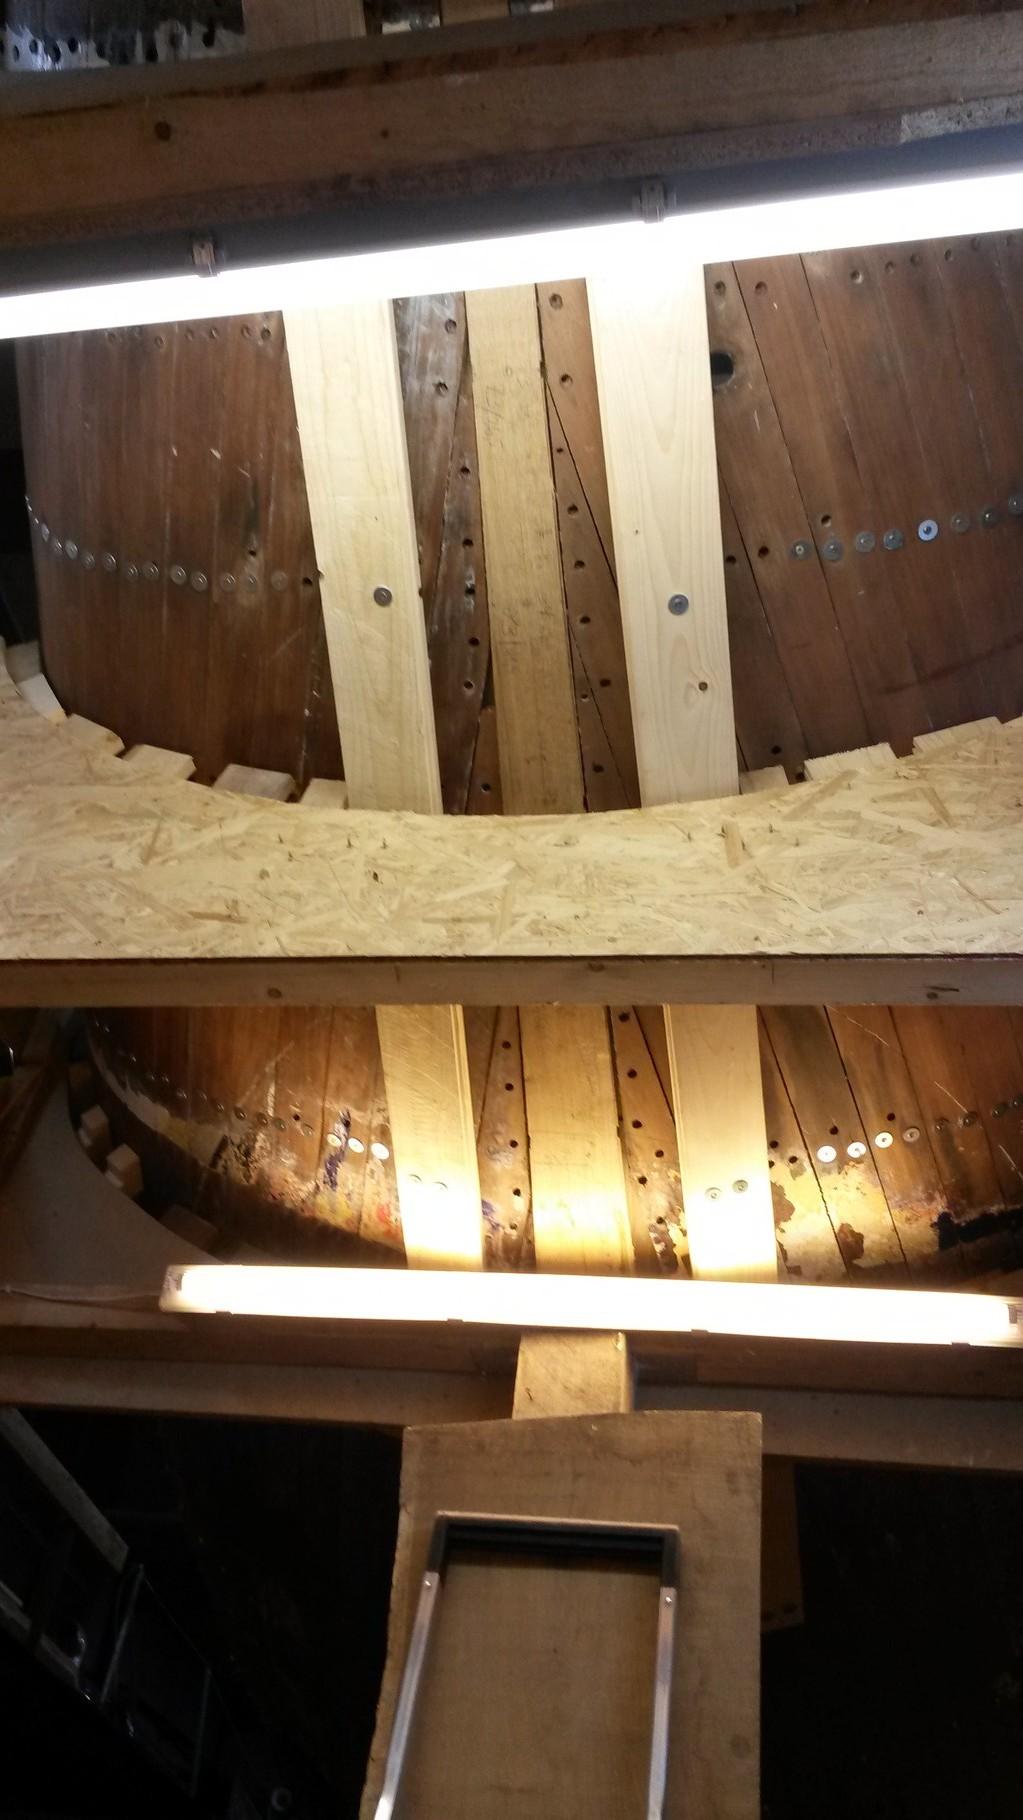 Neuer Heckbalken in Position (von unten), Sponung ist noch zu breit